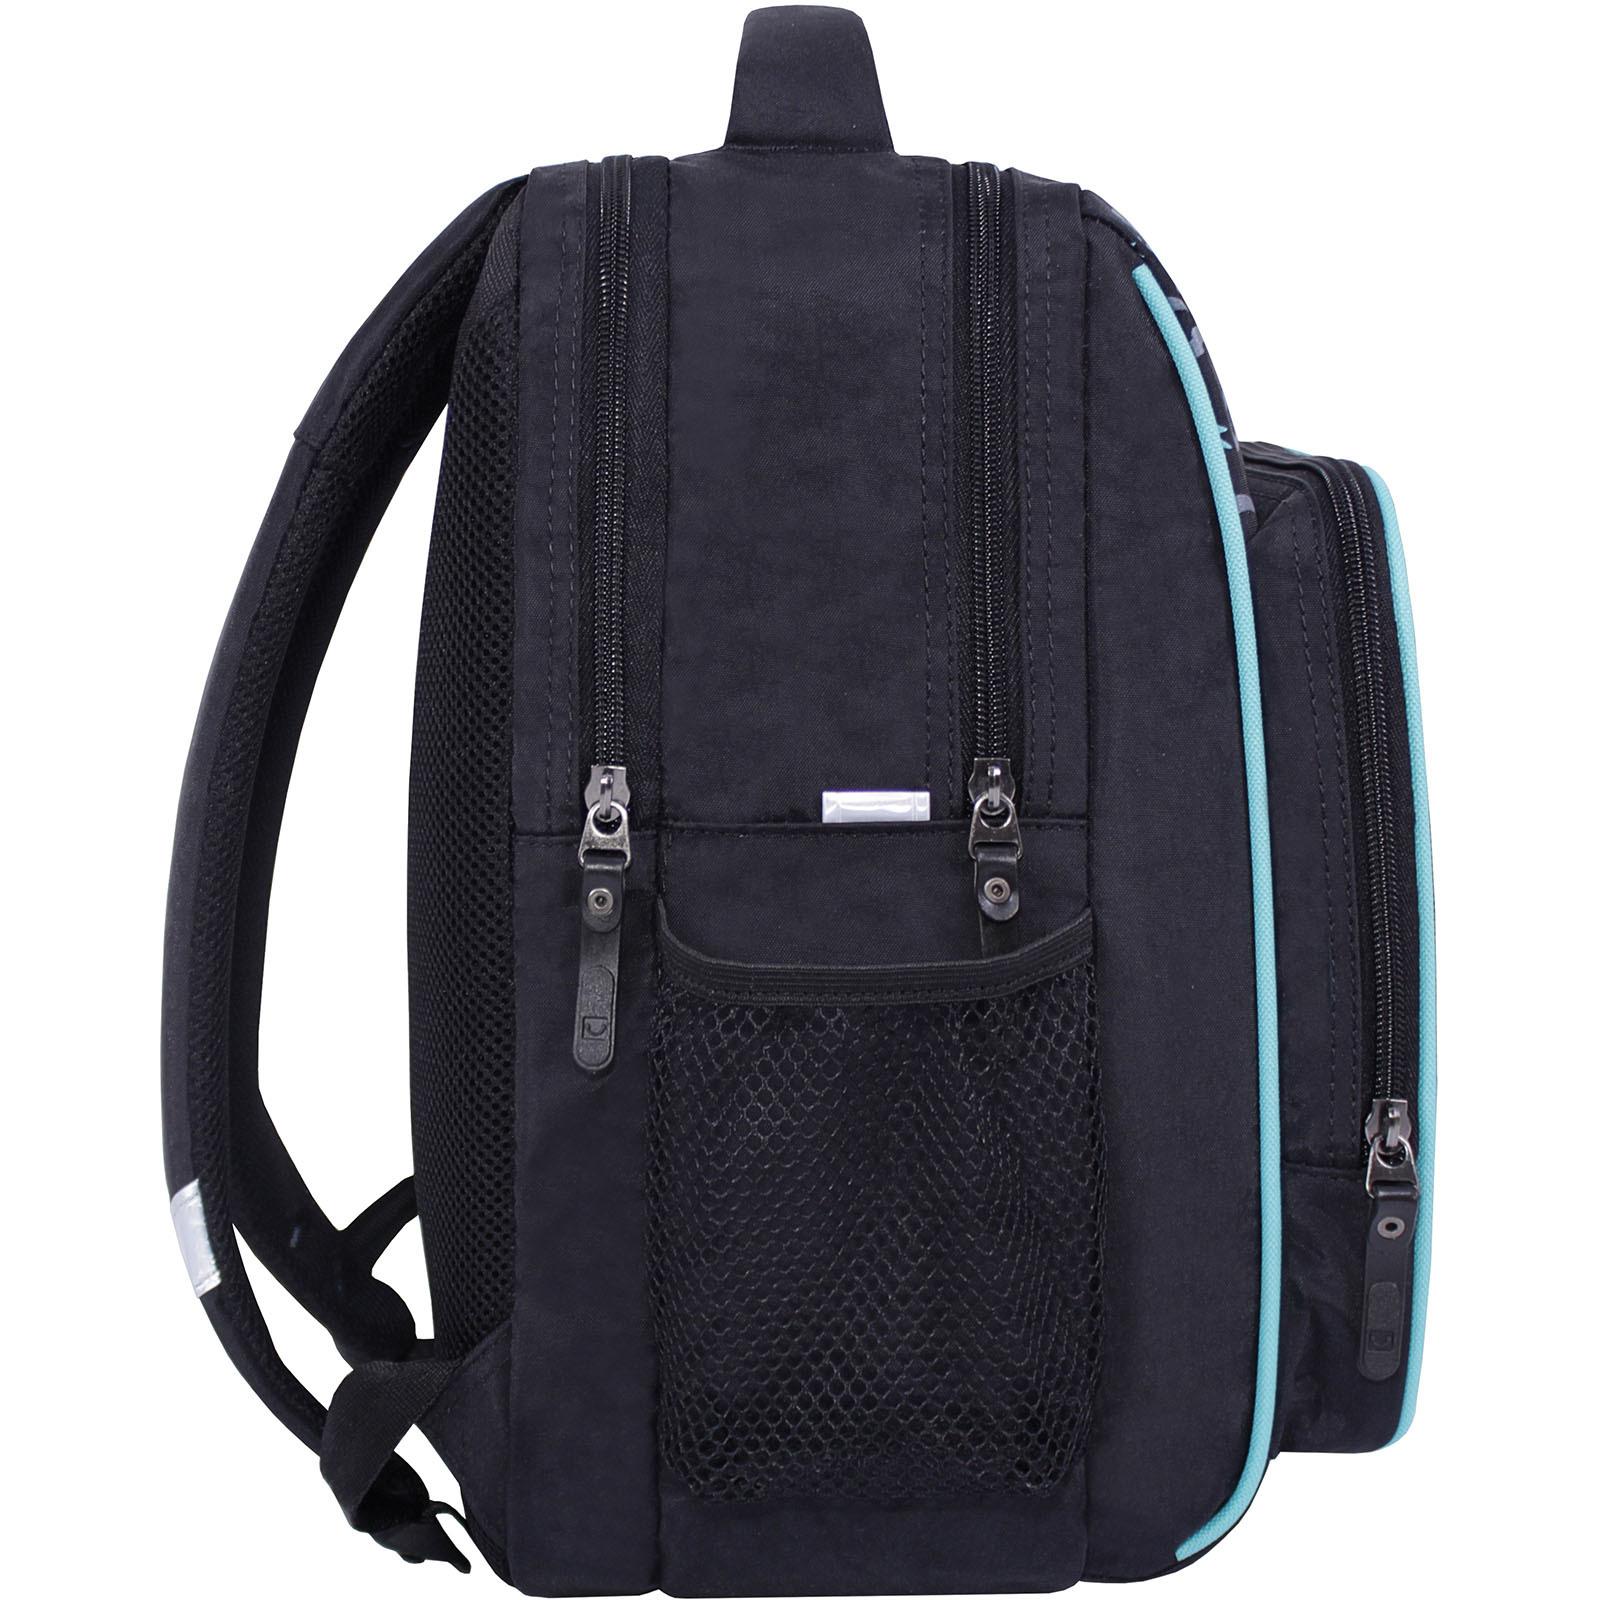 Рюкзак школьный Bagland Школьник 8 л. Черный 419 (0012870) фото 2